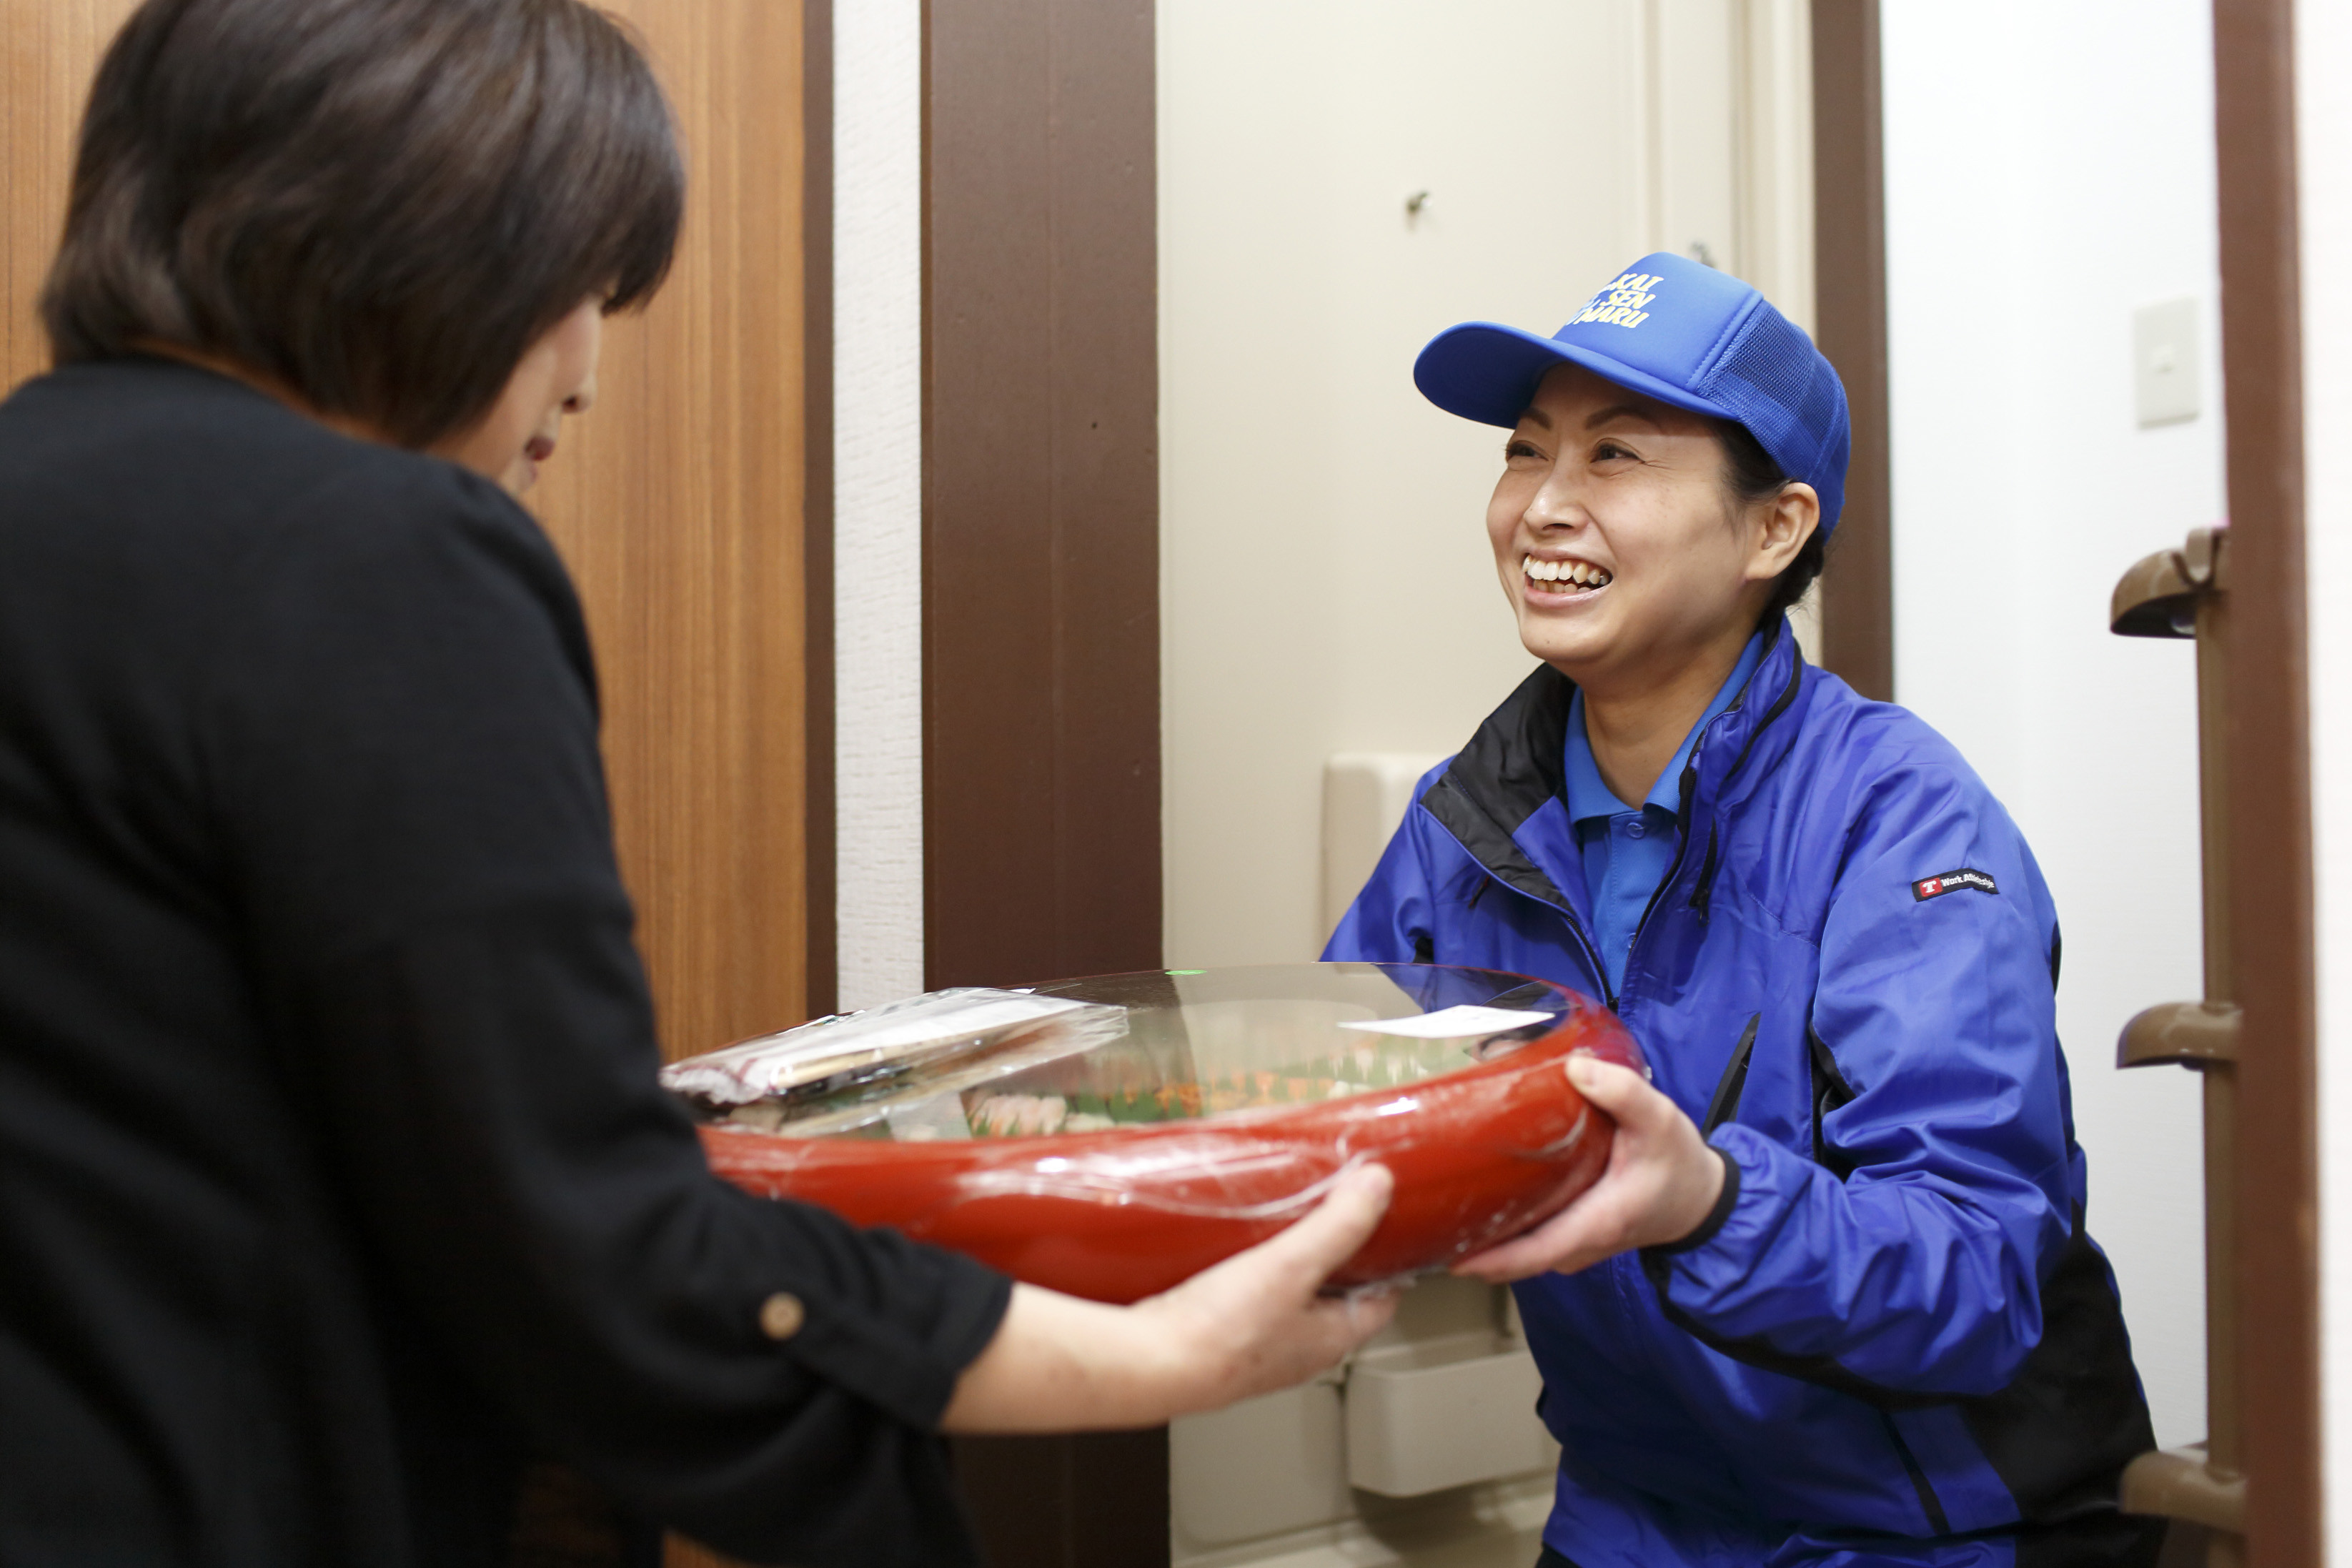 札幌海鮮丸 紋別店 デリバリー(配達)スタッフのアルバイト情報